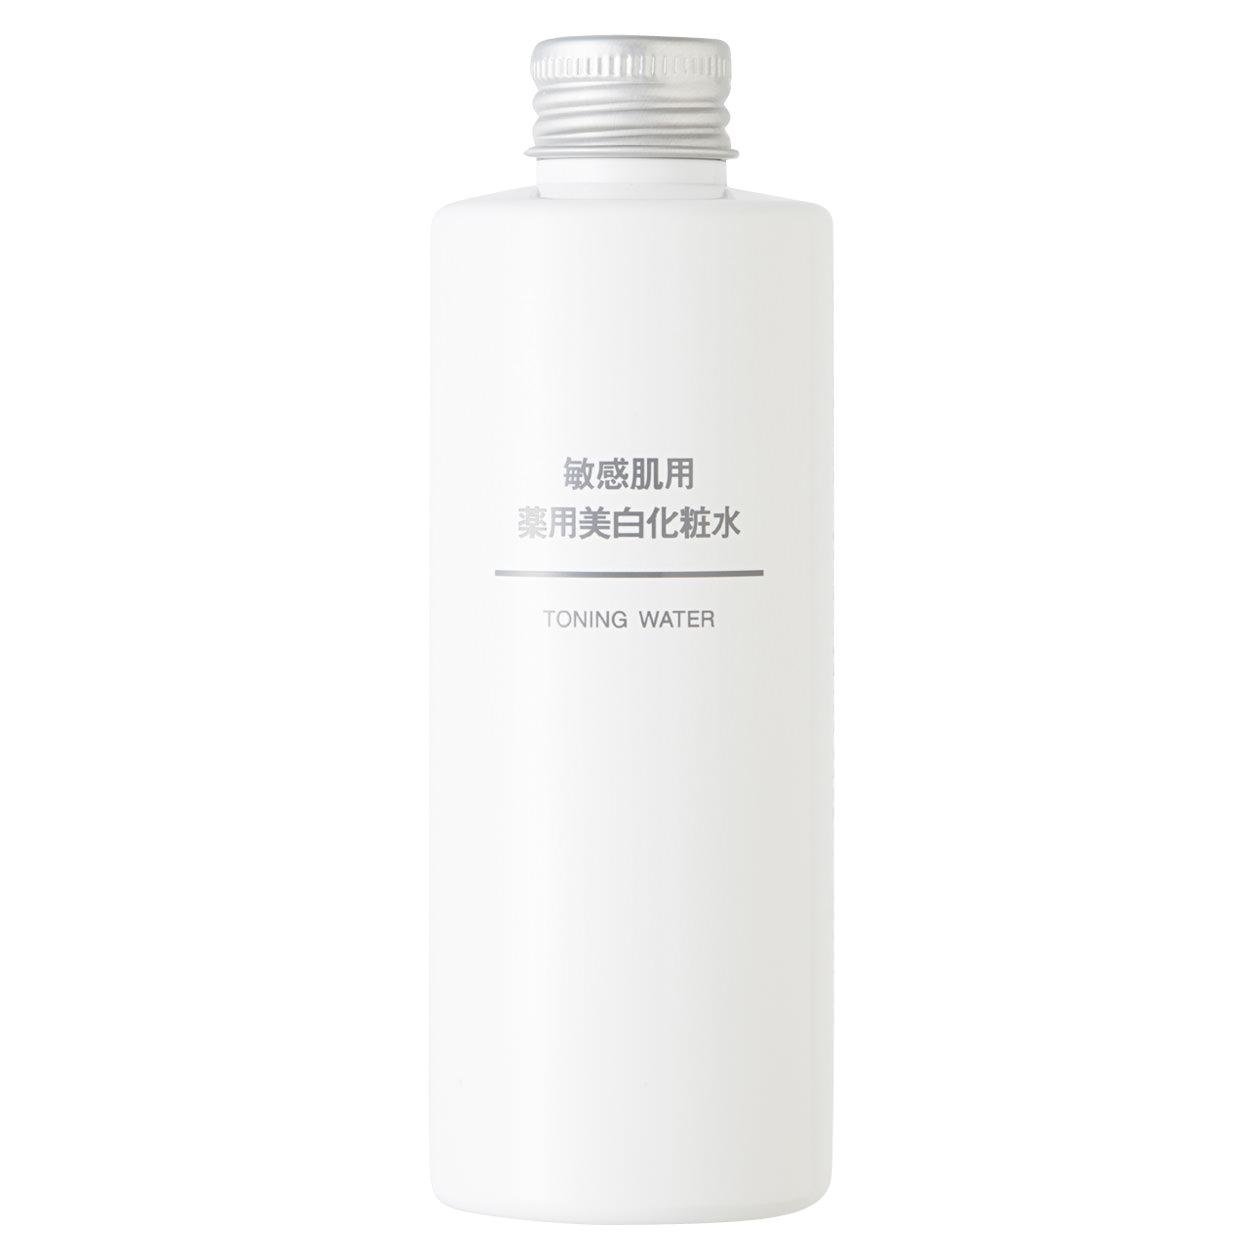 敏感肌用薬用美白化粧水